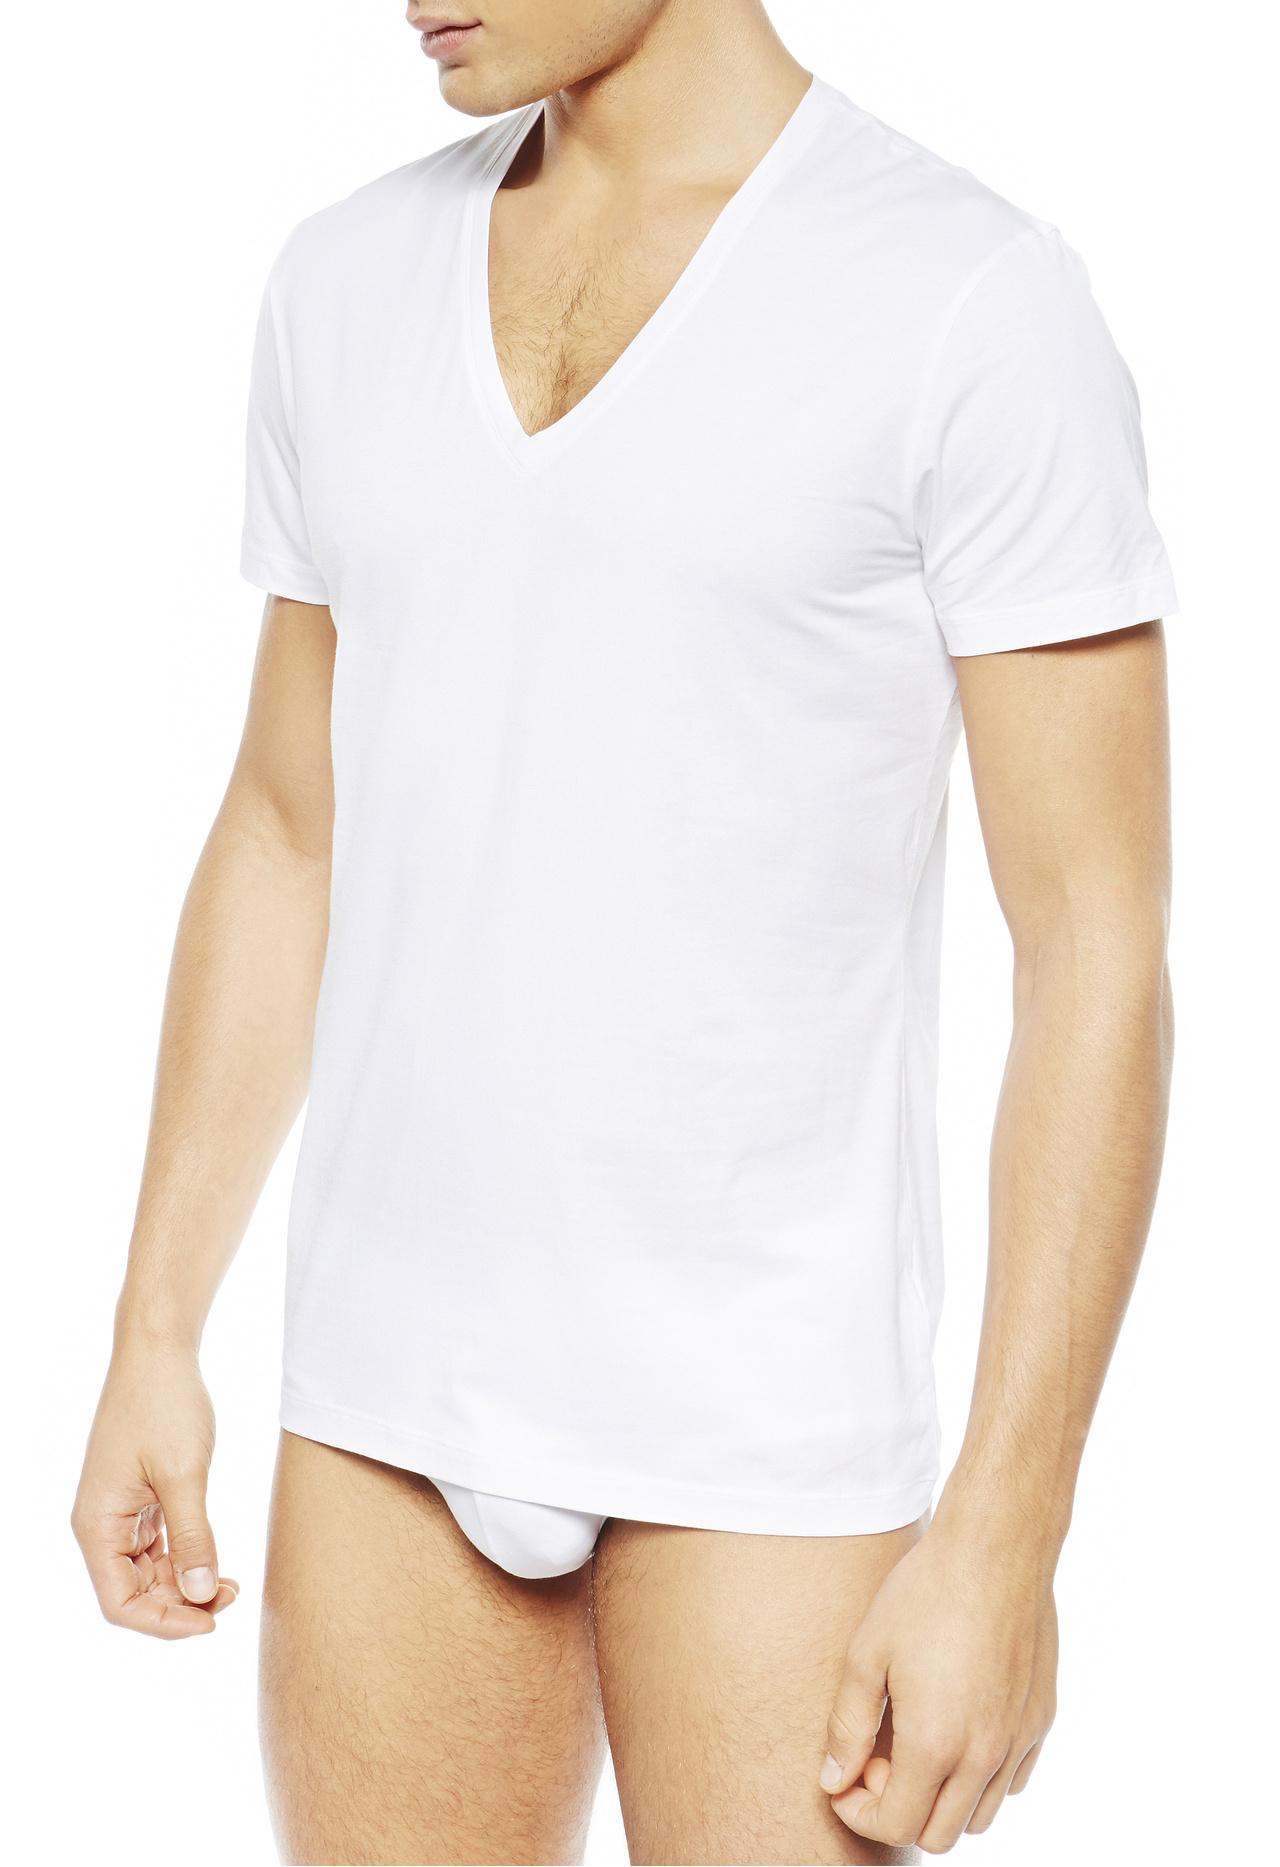 La perla new v neck t shirt in white for men lyst for V neck white t shirts for men